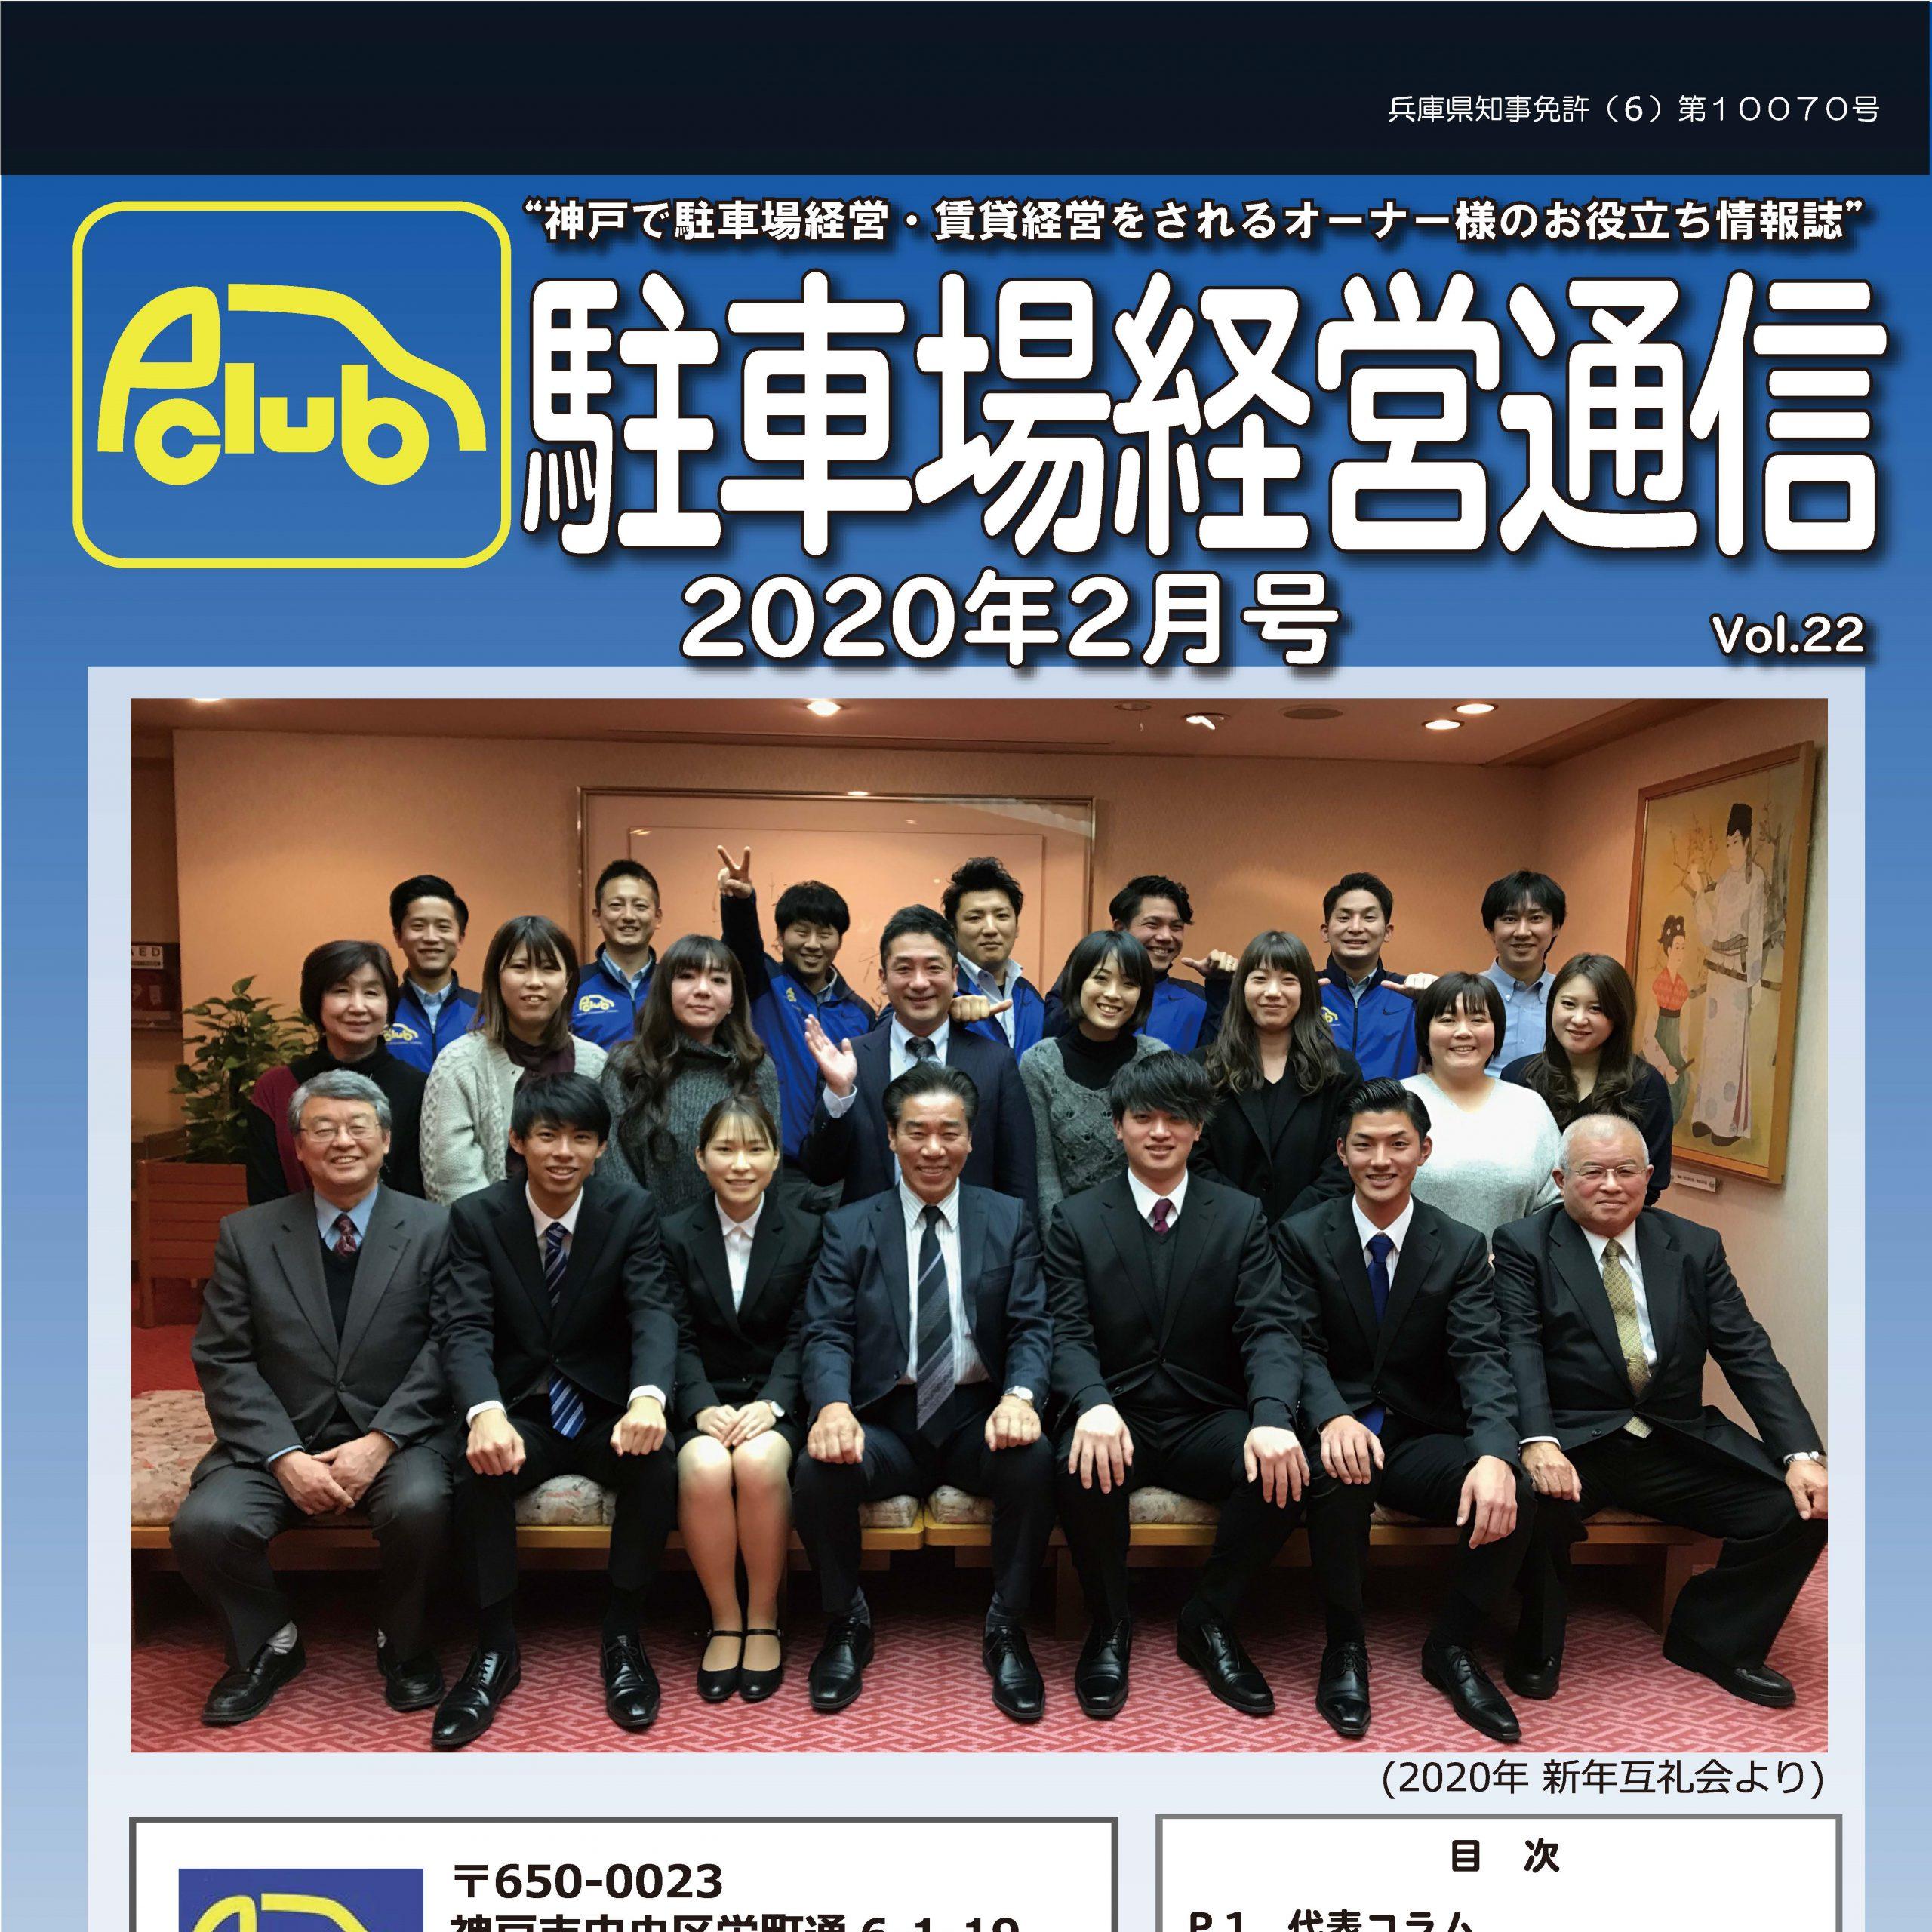 駐車場経営通信 2020年2月号発刊